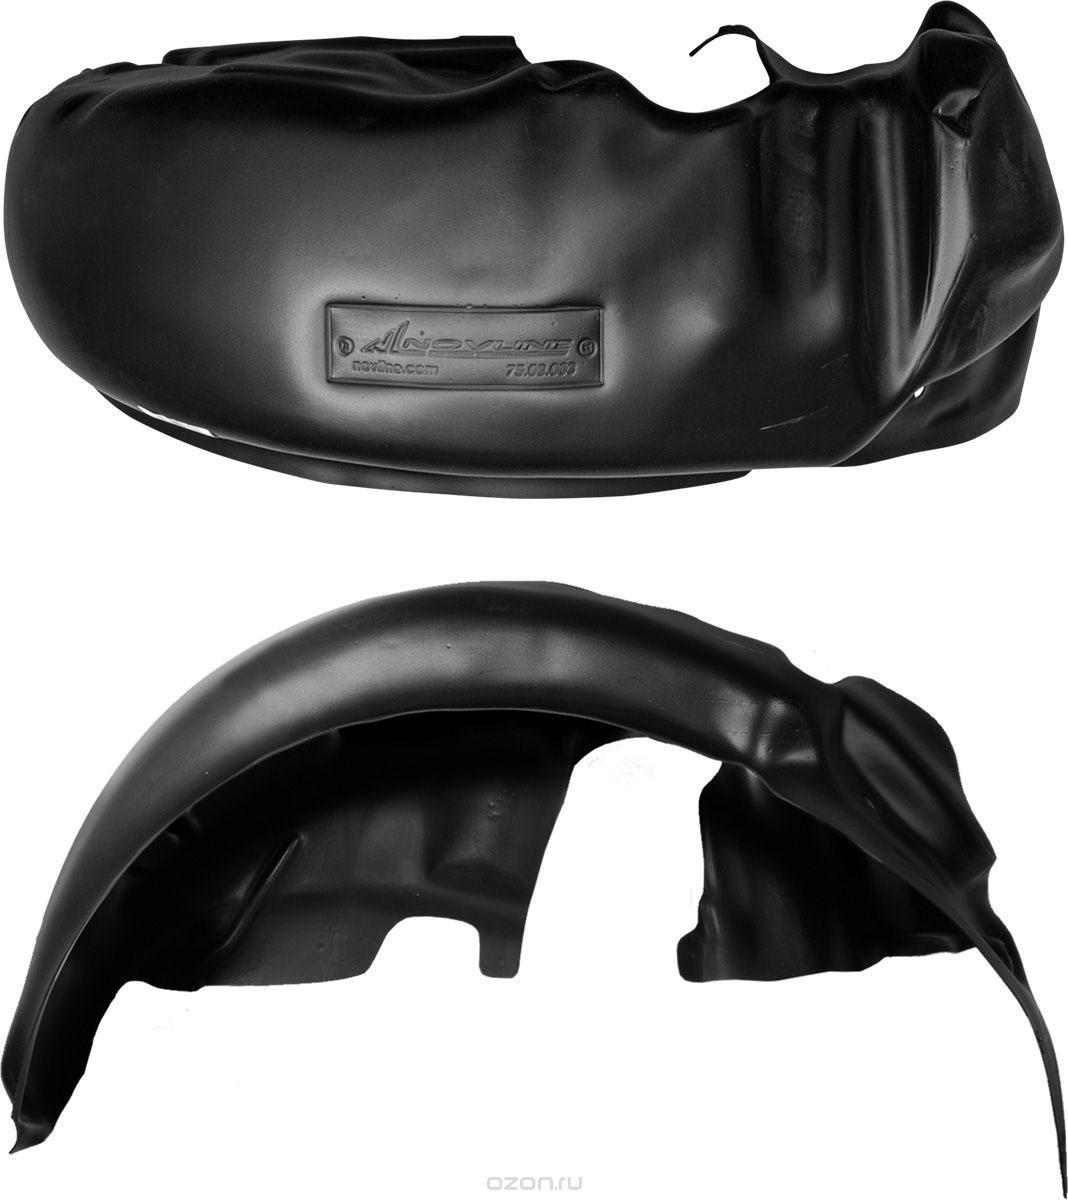 Подкрылок Novline-Autofamily, для Ford Transit, задний привод, односкат, 2014->, задний правыйNLL.16.54.004Идеальная защита колесной ниши. Локеры разработаны с применением цифровых технологий, гарантируют максимальную повторяемость поверхности арки. Изделия устанавливаются без нарушения лакокрасочного покрытия автомобиля, каждый подкрылок комплектуется крепежом. Уважаемые клиенты, обращаем ваше внимание, что фотографии на подкрылки универсальные и не отражают реальную форму изделия. При этом само изделие идет точно под размер указанного автомобиля.